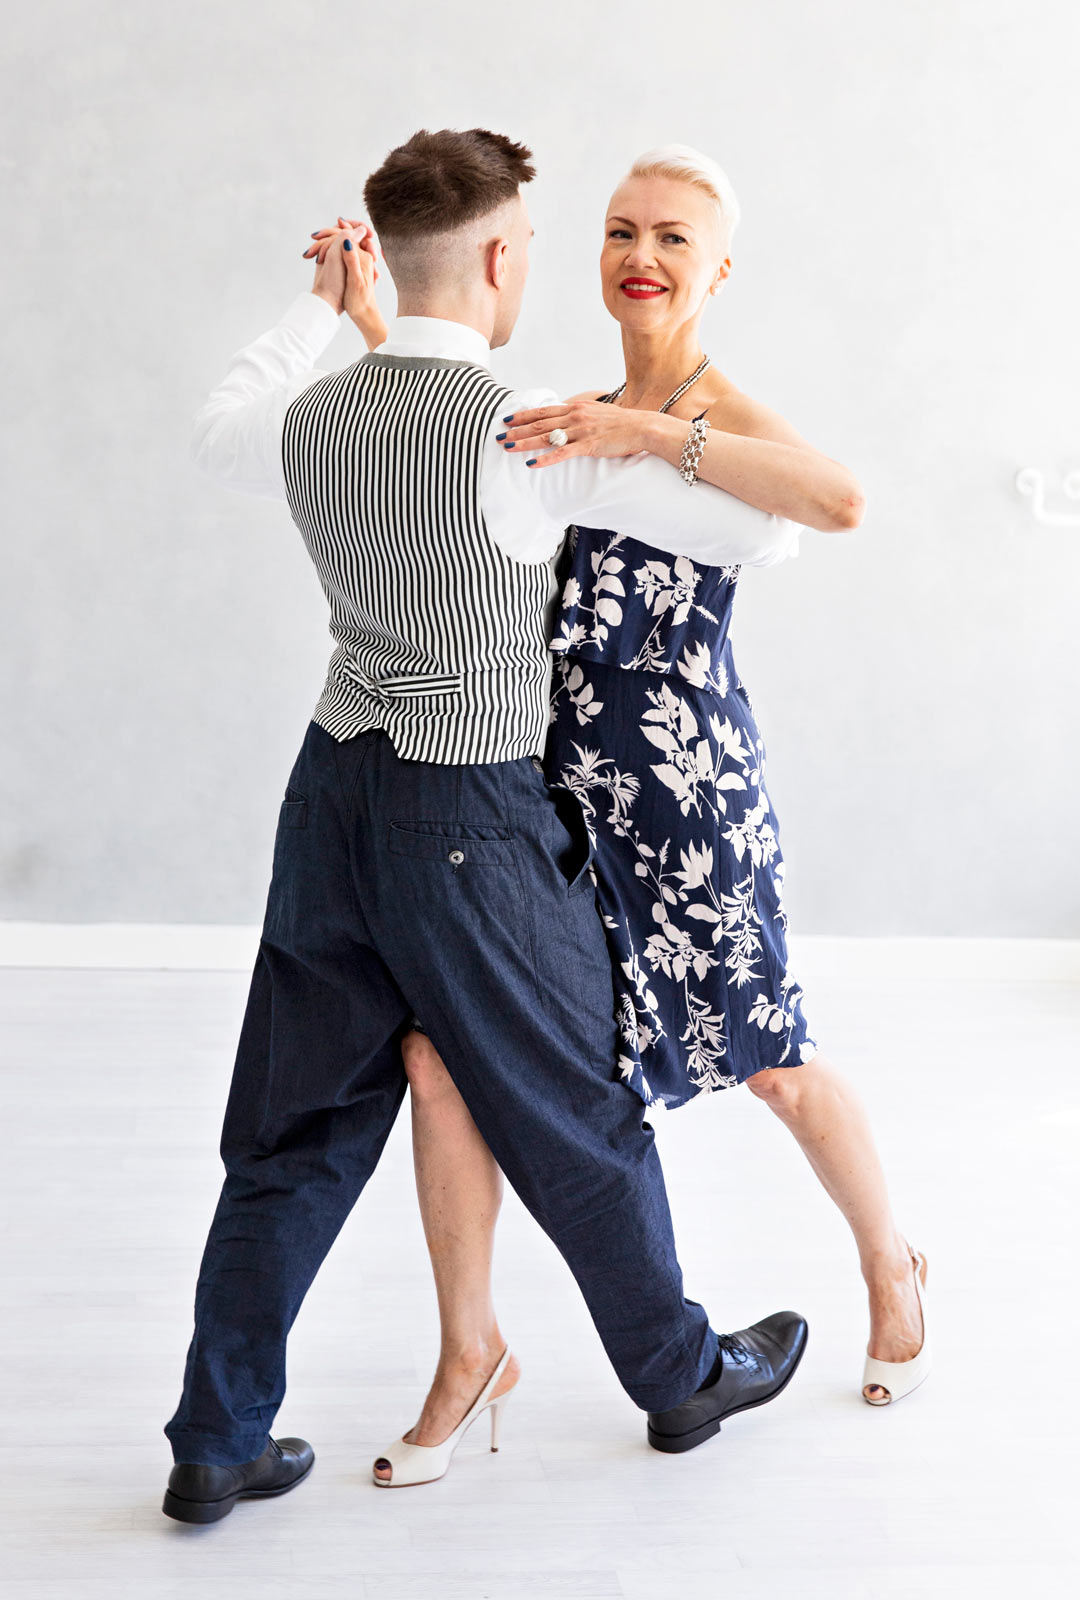 Toinen tanssiaskel, tango